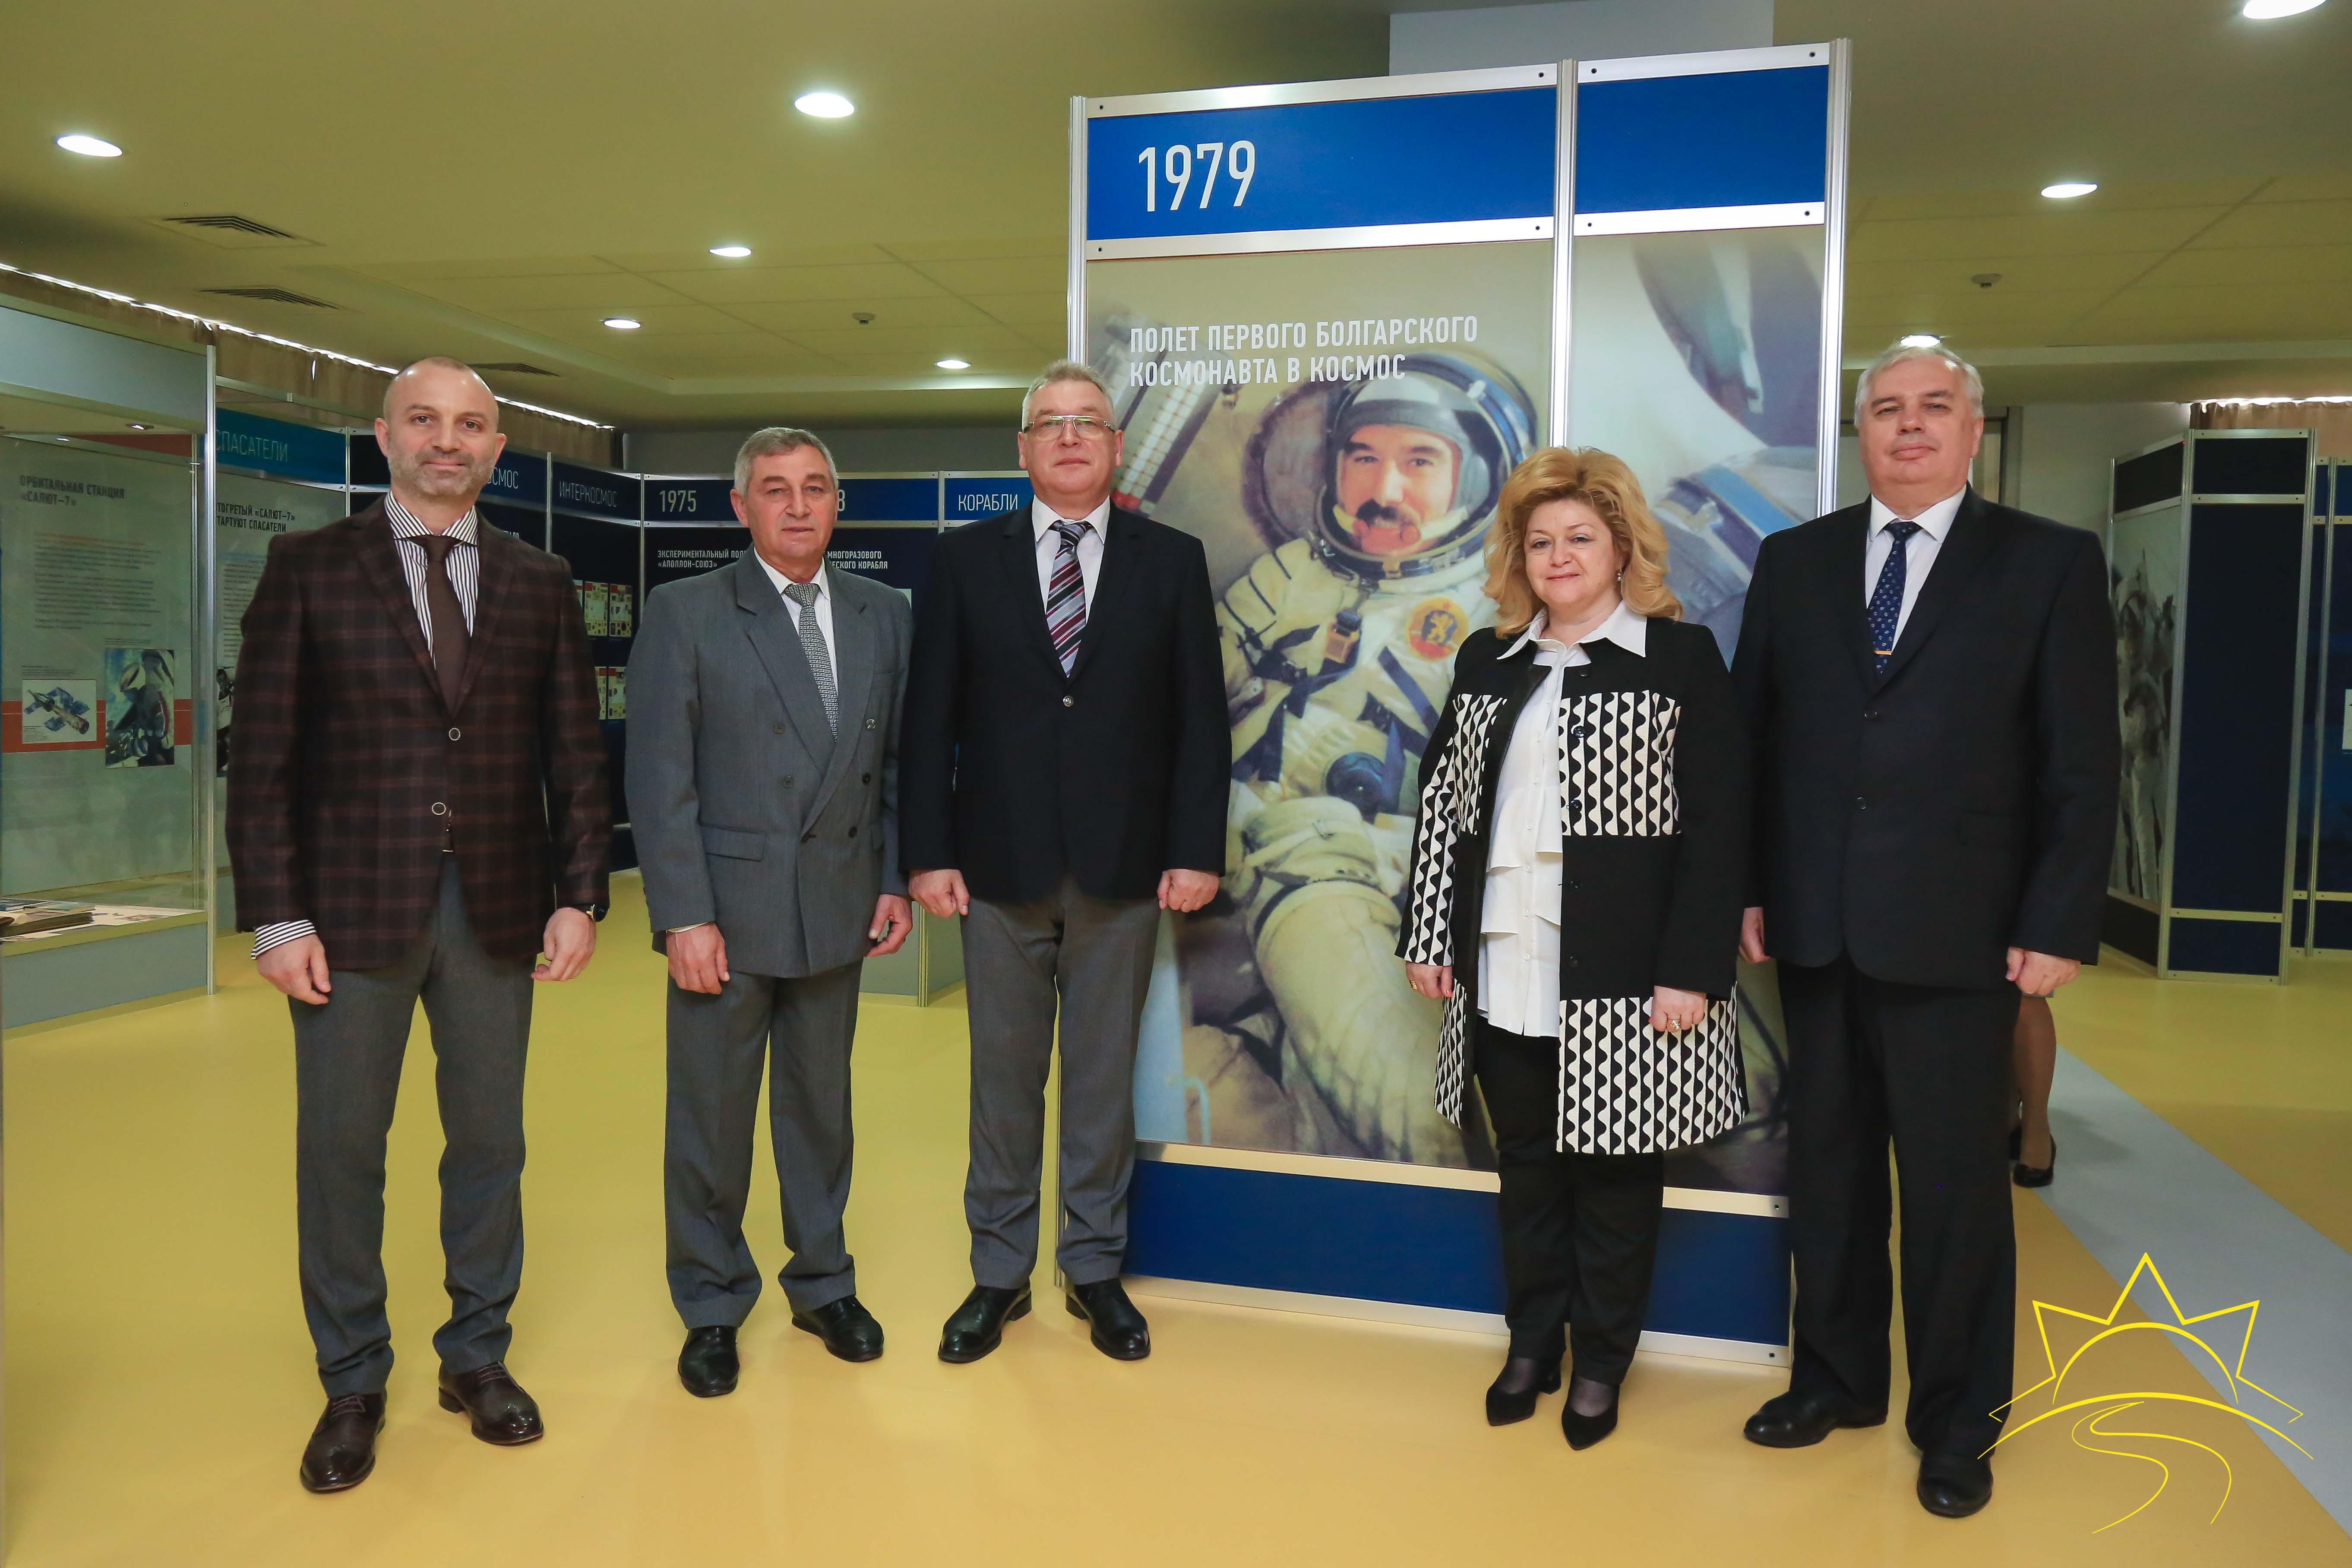 Честване на 40 години от полета на първия български космонавт!